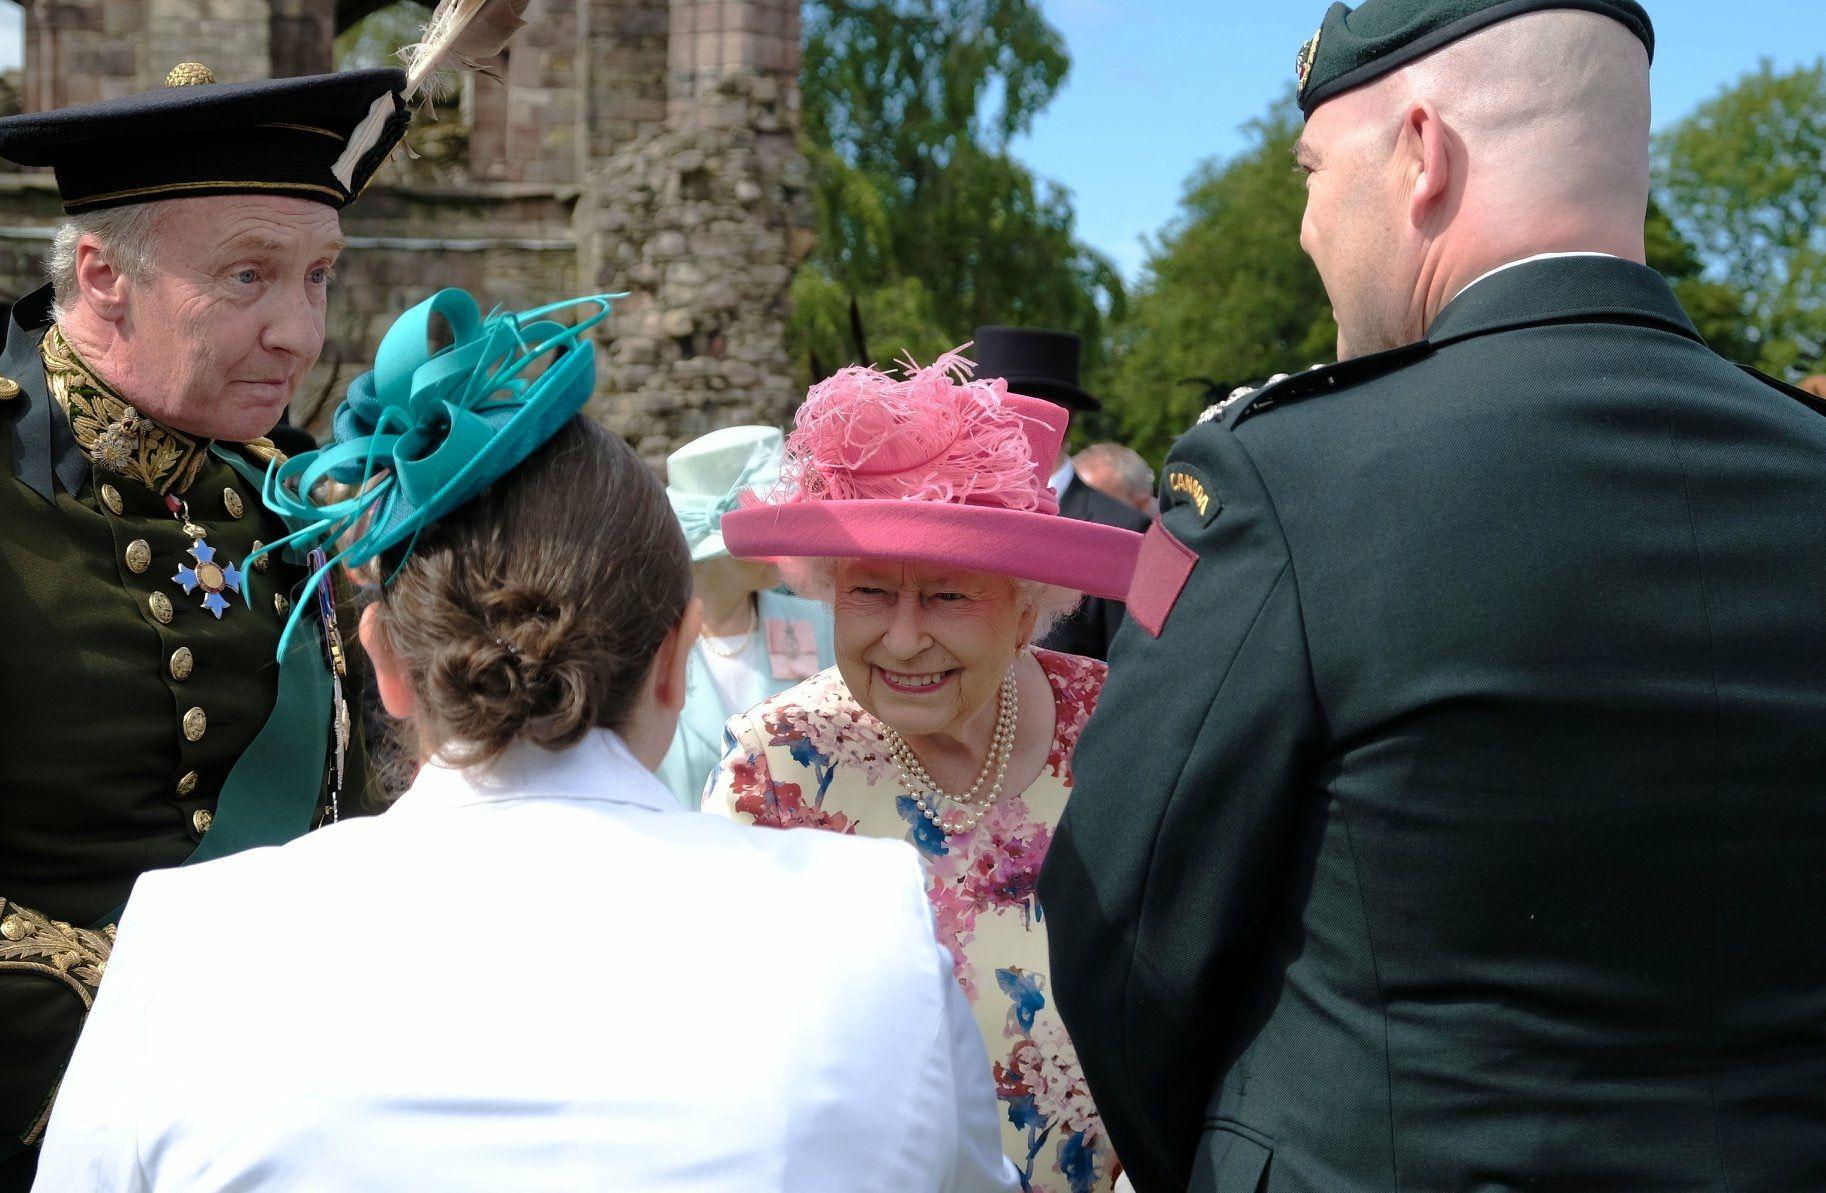 a76c135f30ff6198f337af1ac18ddc1f - How To Get Invited To Queen S Garden Party